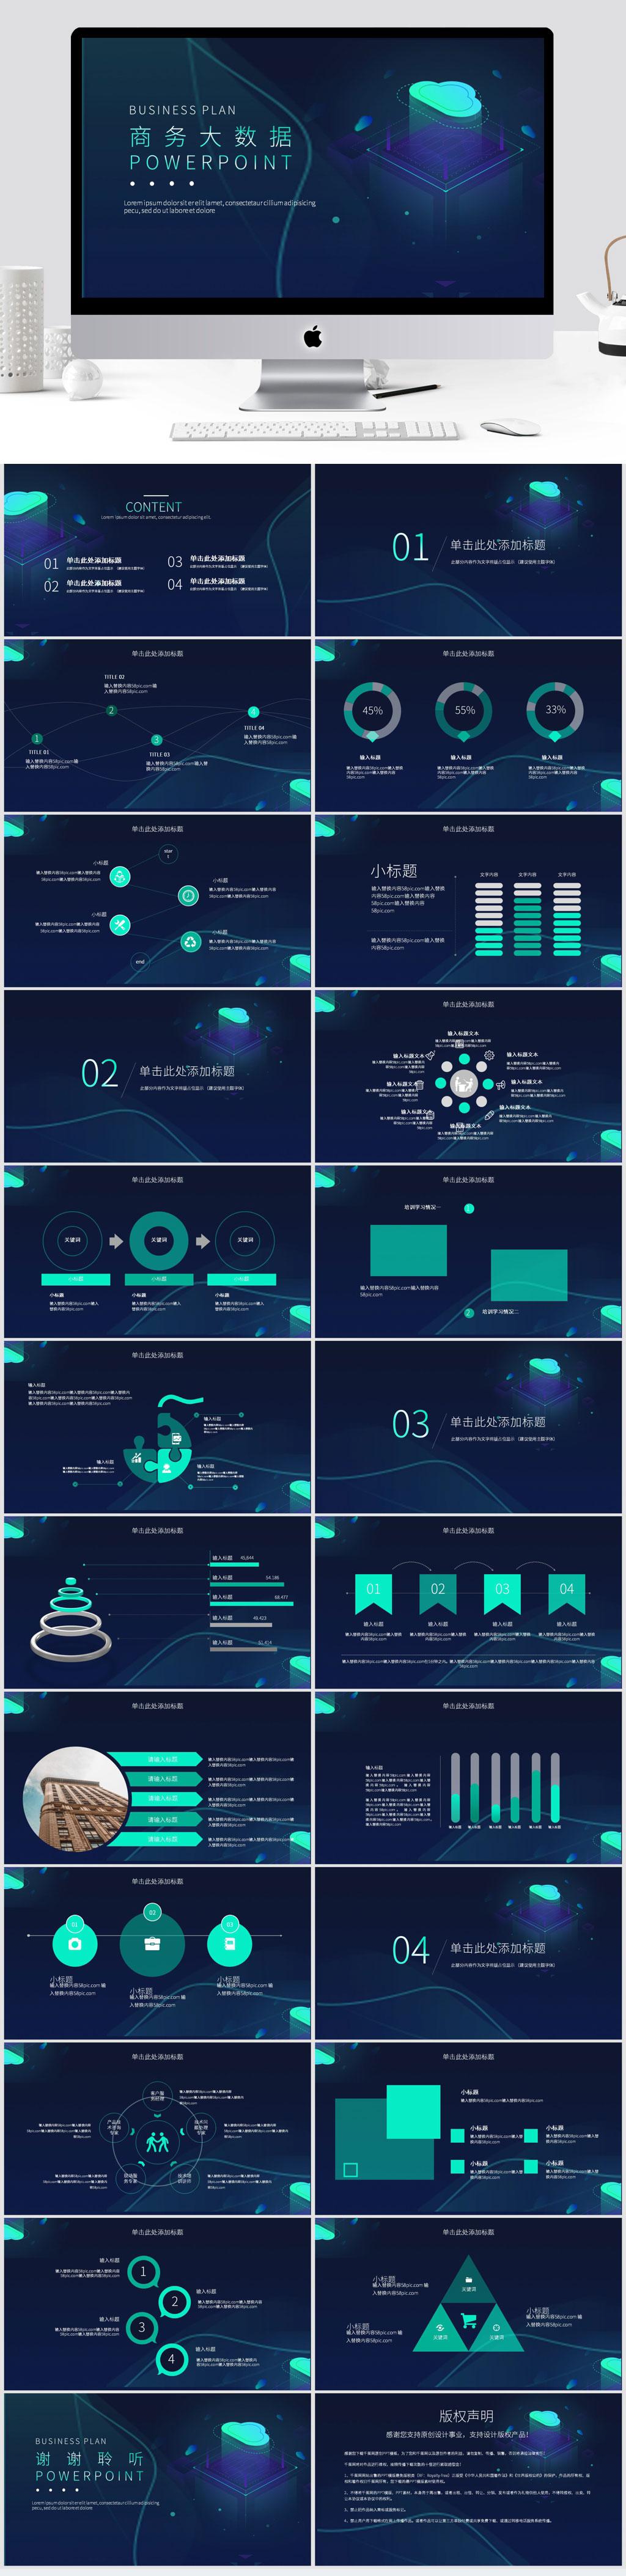 科技蓝商务大数据企业简介PPT模板